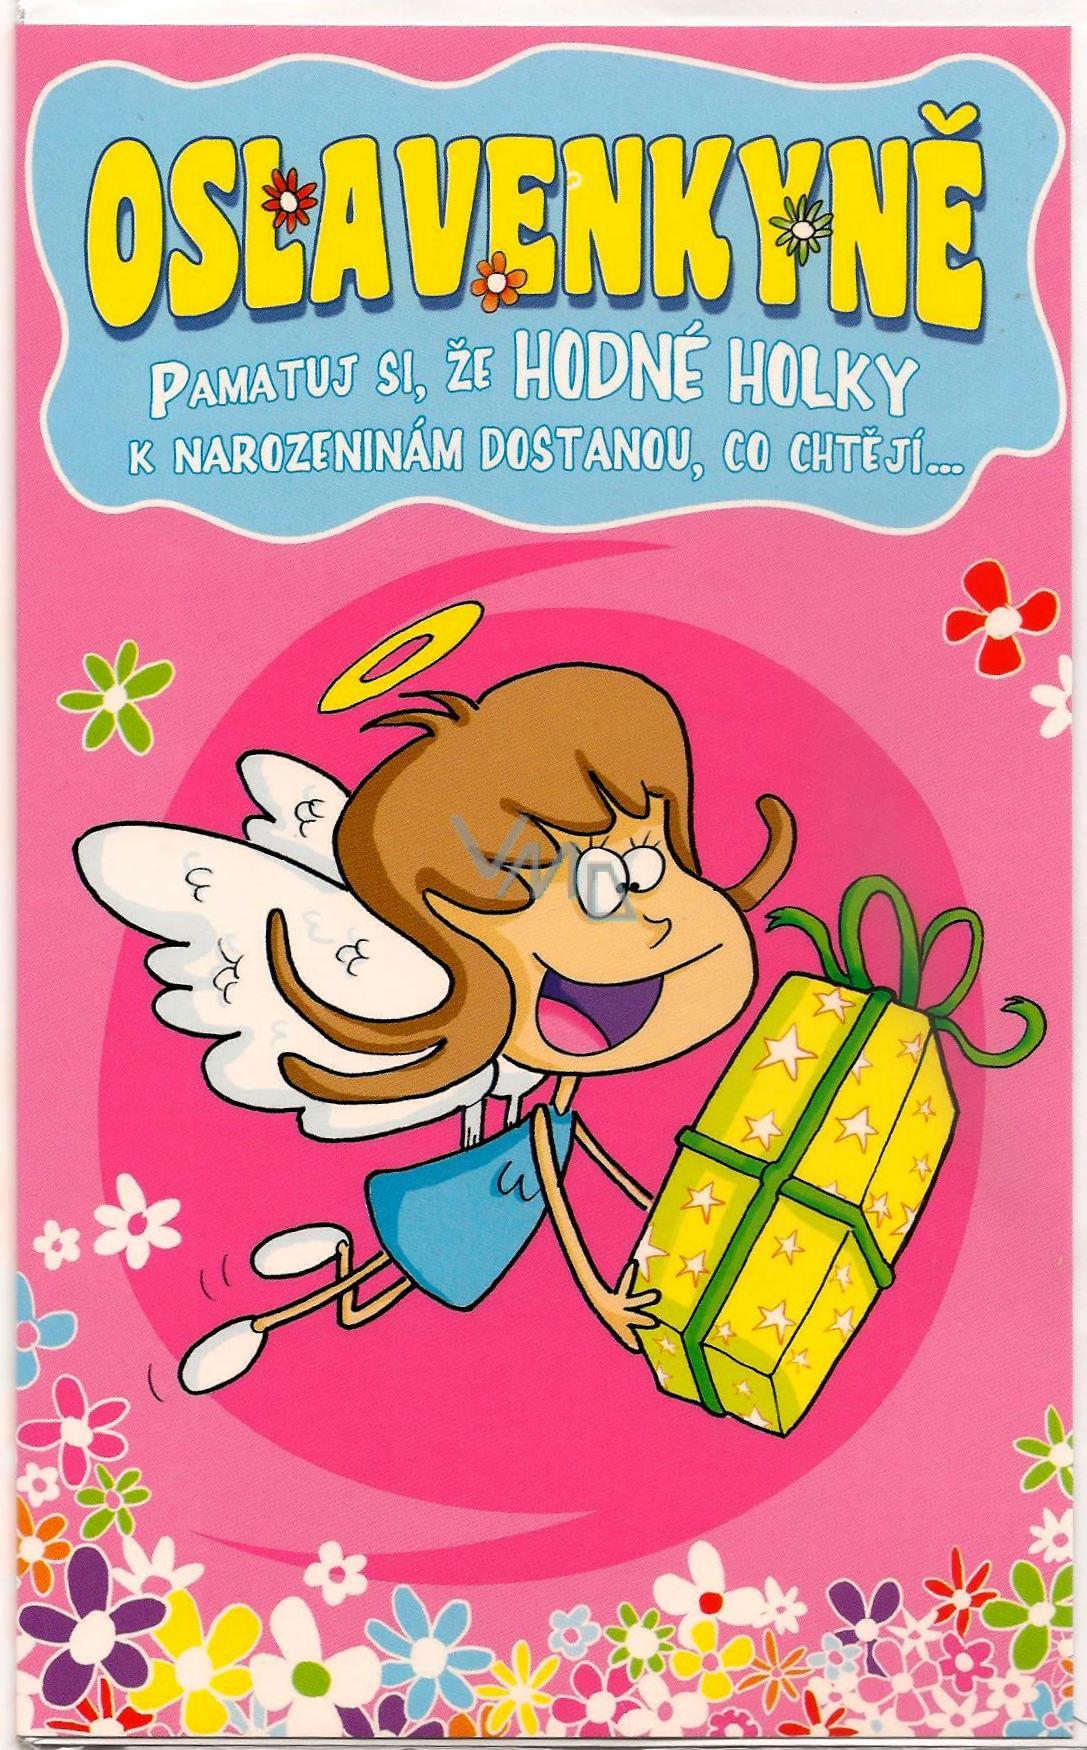 přání k 15 narozeninám vtipné Nekupto Přání k narozeninám Oslavenkyně G 31 3133   VMD parfumerie  přání k 15 narozeninám vtipné